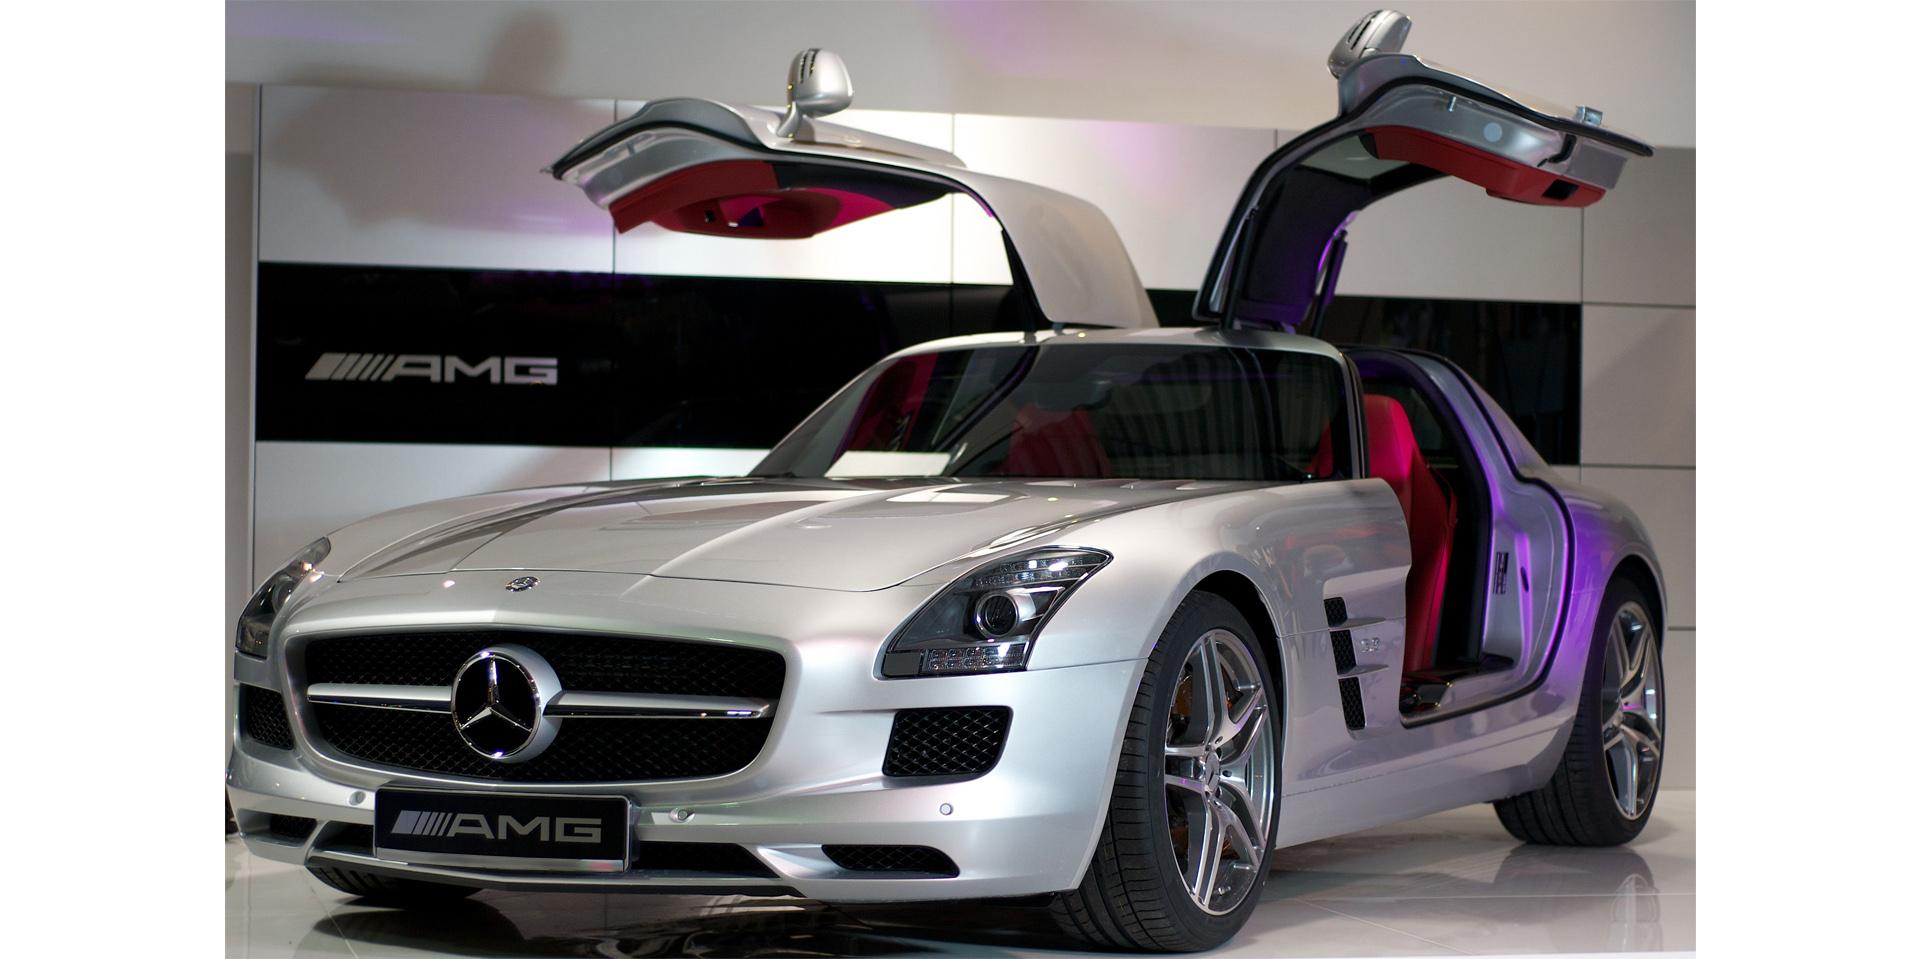 Sportowe auta, ekskluzywne modele